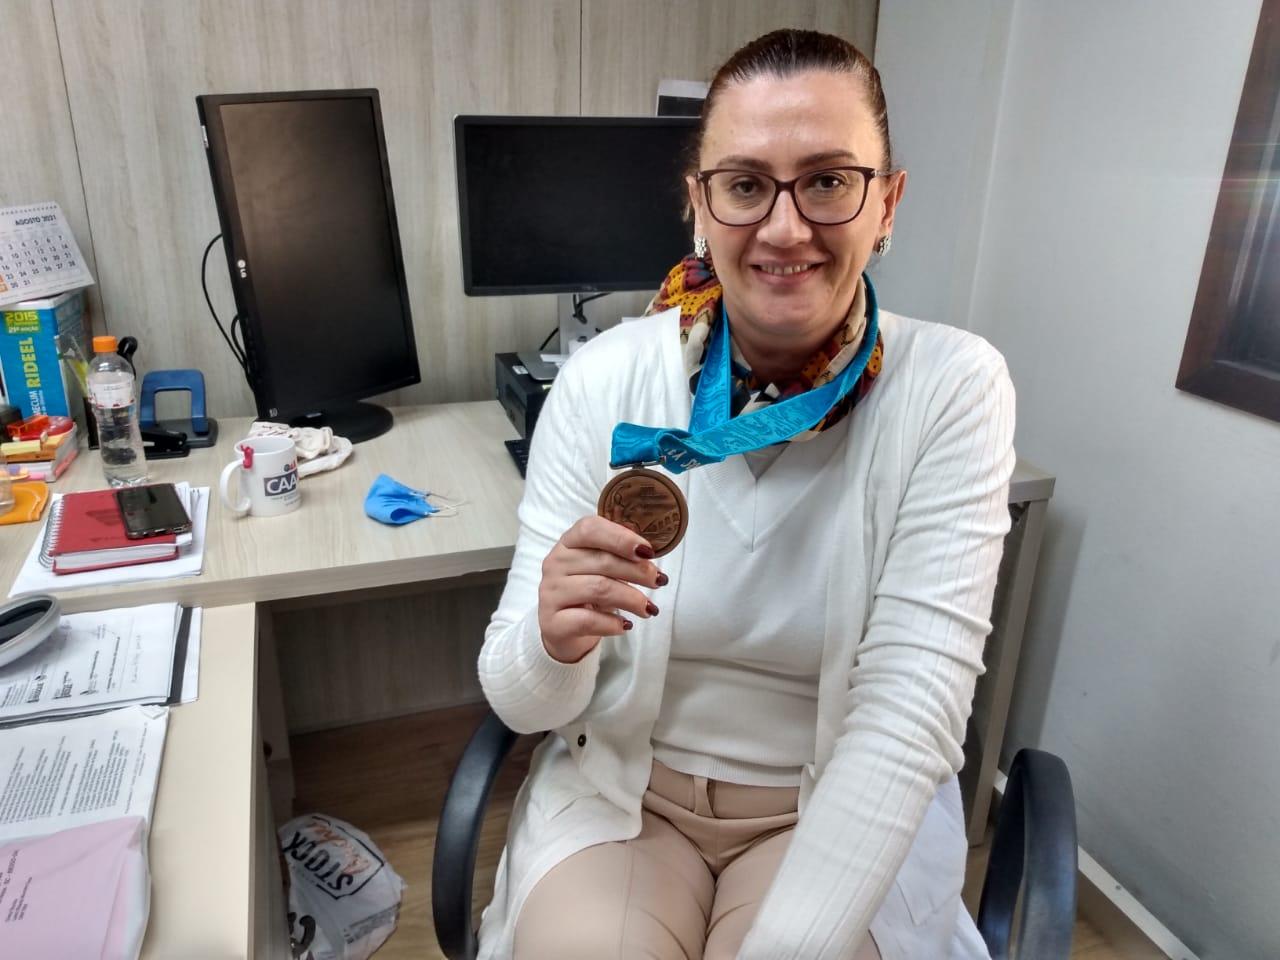 Olimpíadas: Servidora da Prefeitura de Brusque relembra participação olímpica